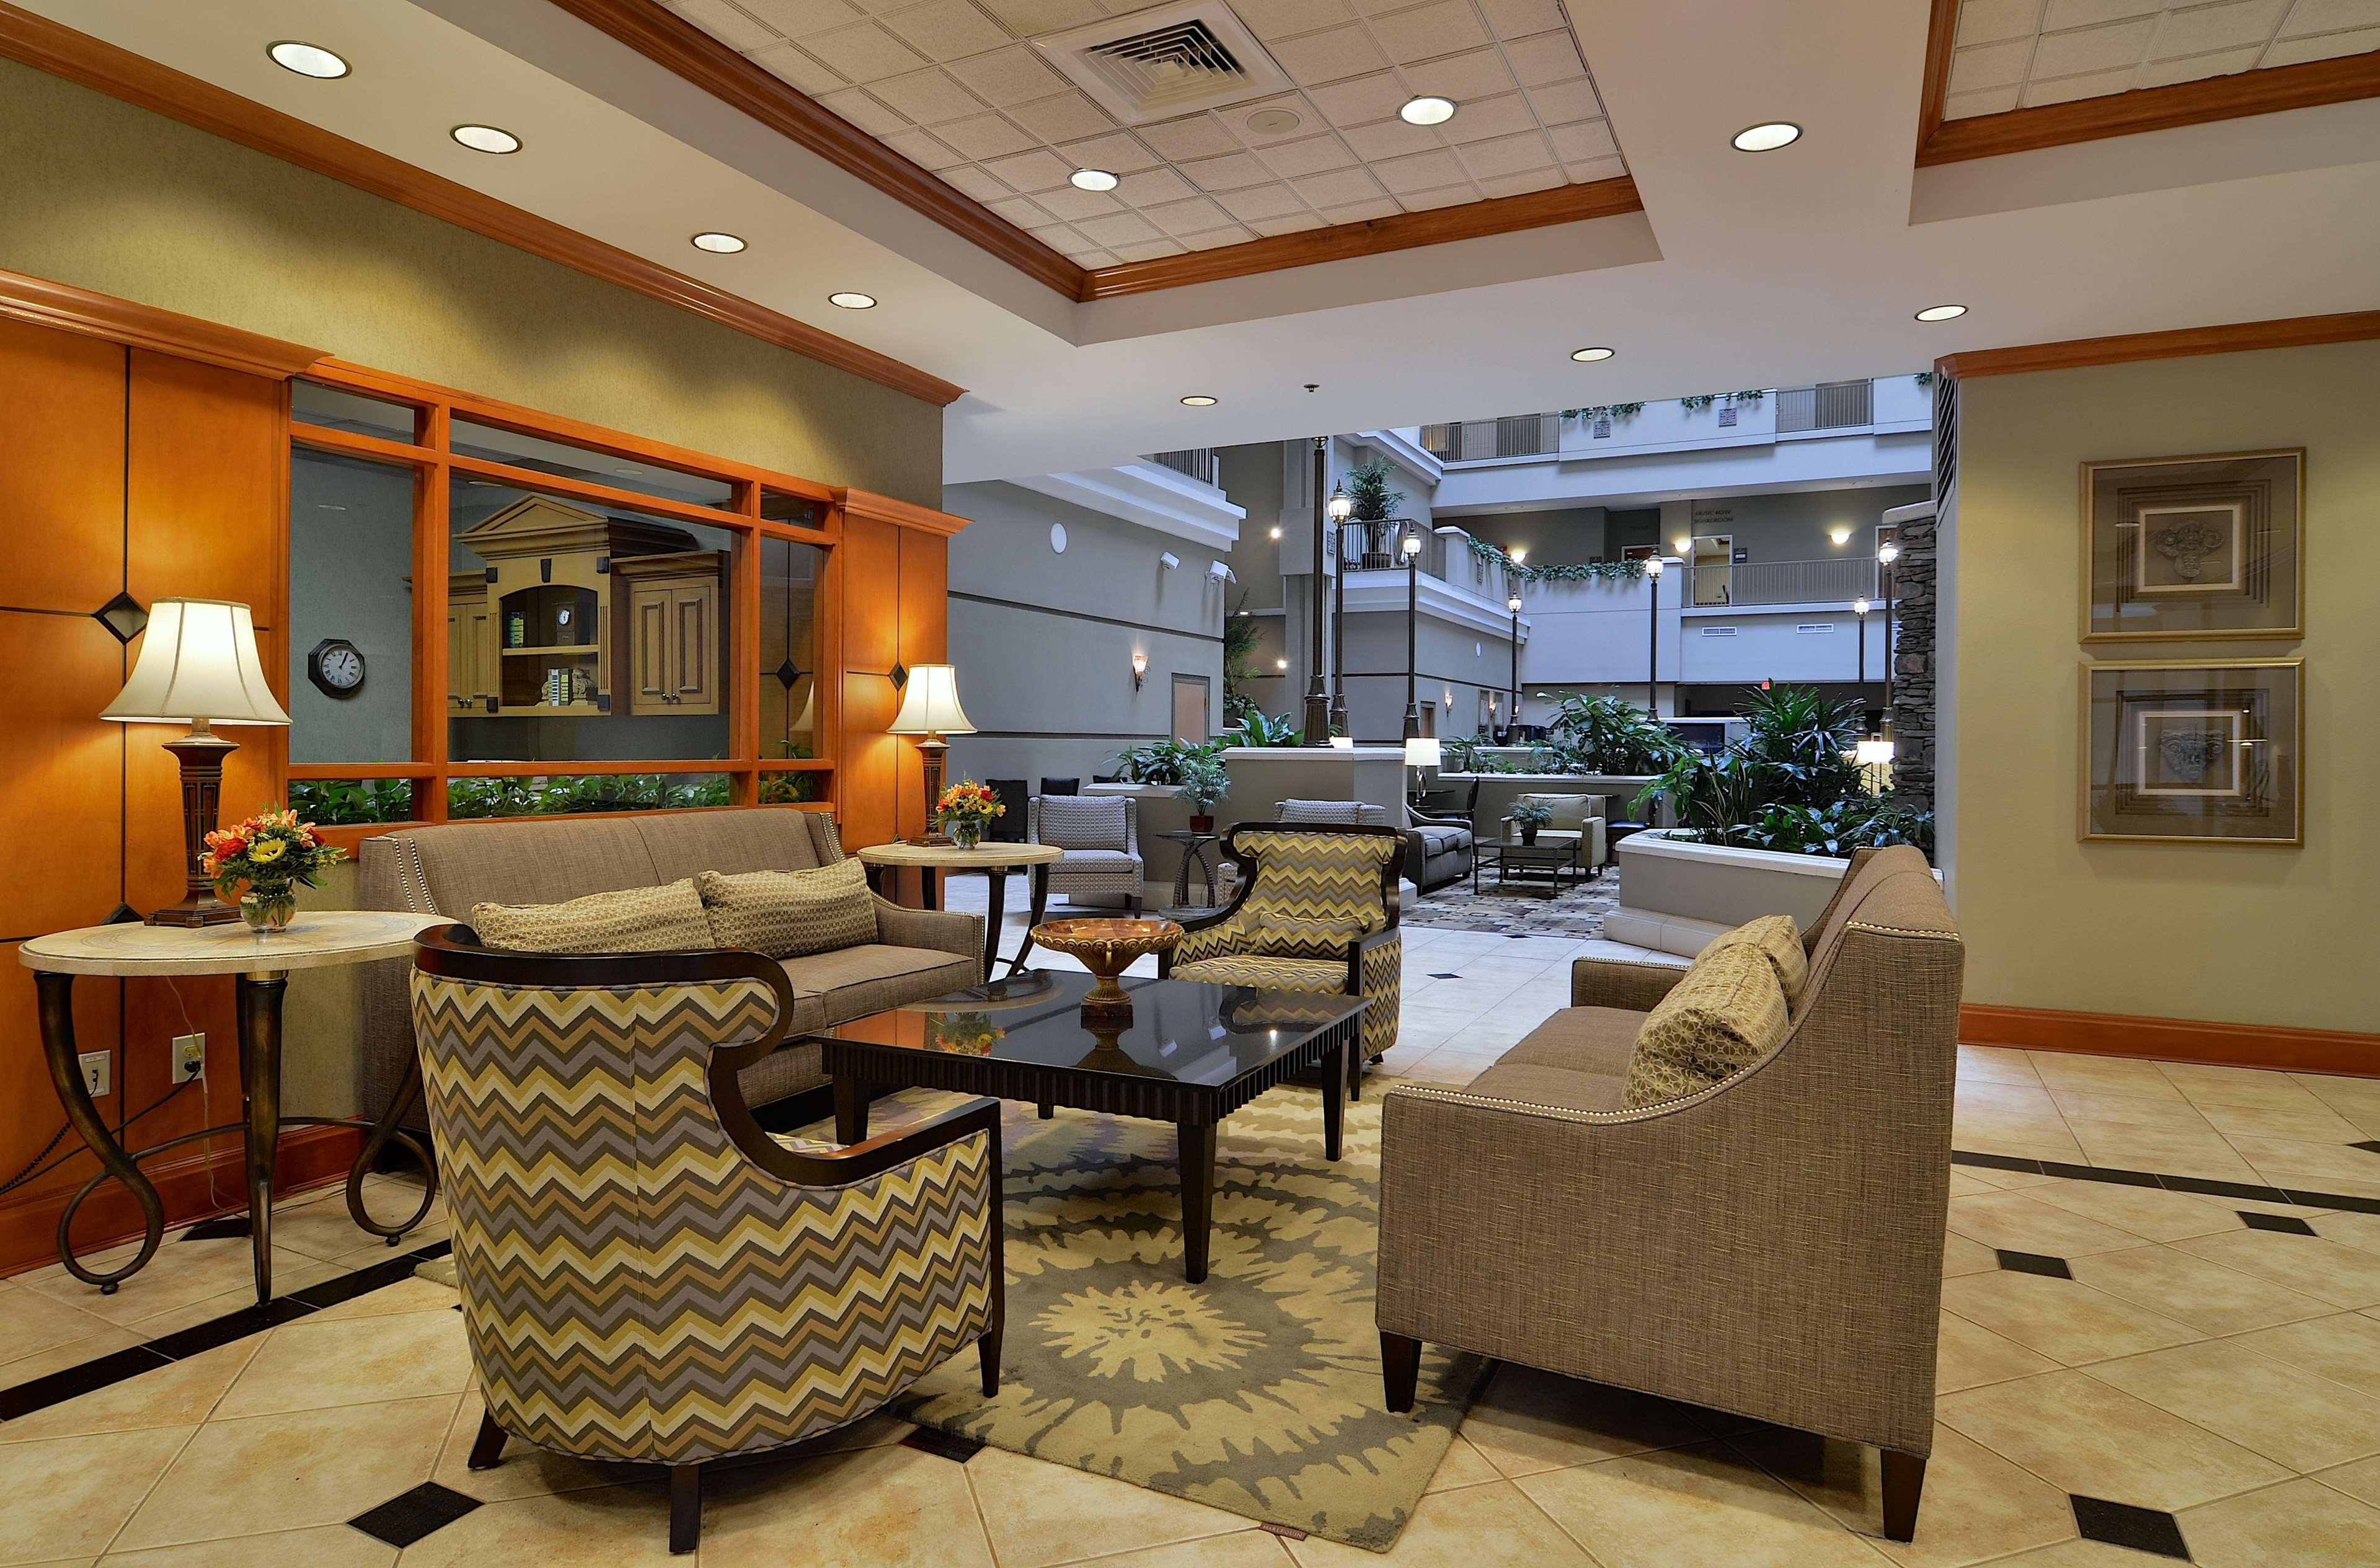 Embassy Suites by Hilton Nashville at Vanderbilt image 9